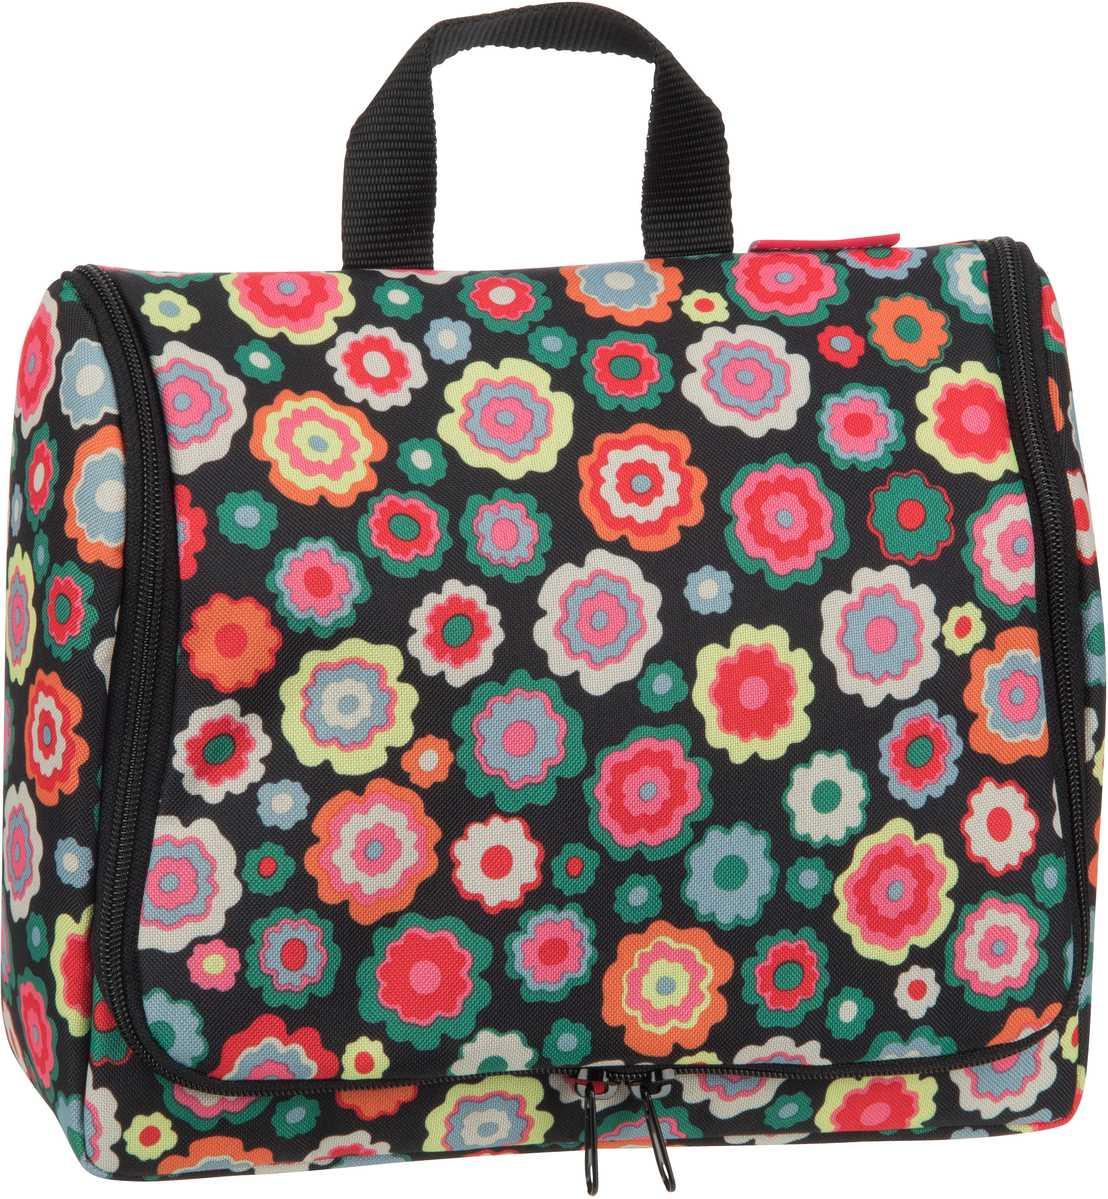 Reisegepaeck für Frauen - reisenthel Kulturbeutel Beauty Case toiletbag XL Happy Flowers (4 Liter)  - Onlineshop Taschenkaufhaus